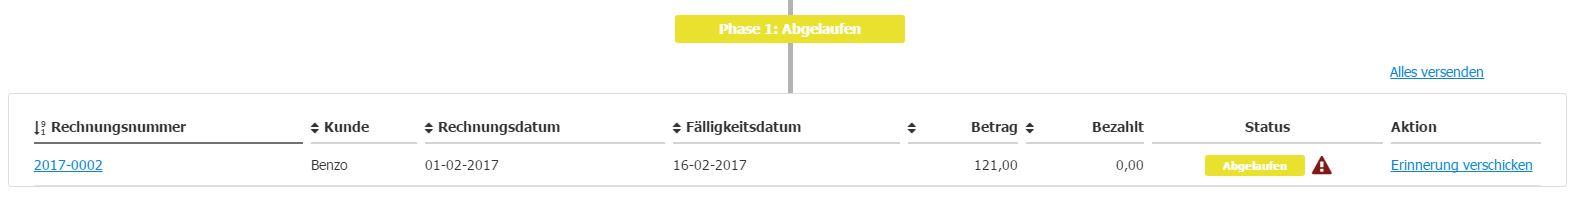 3 Tage über meinem Fälligkeitsdatum